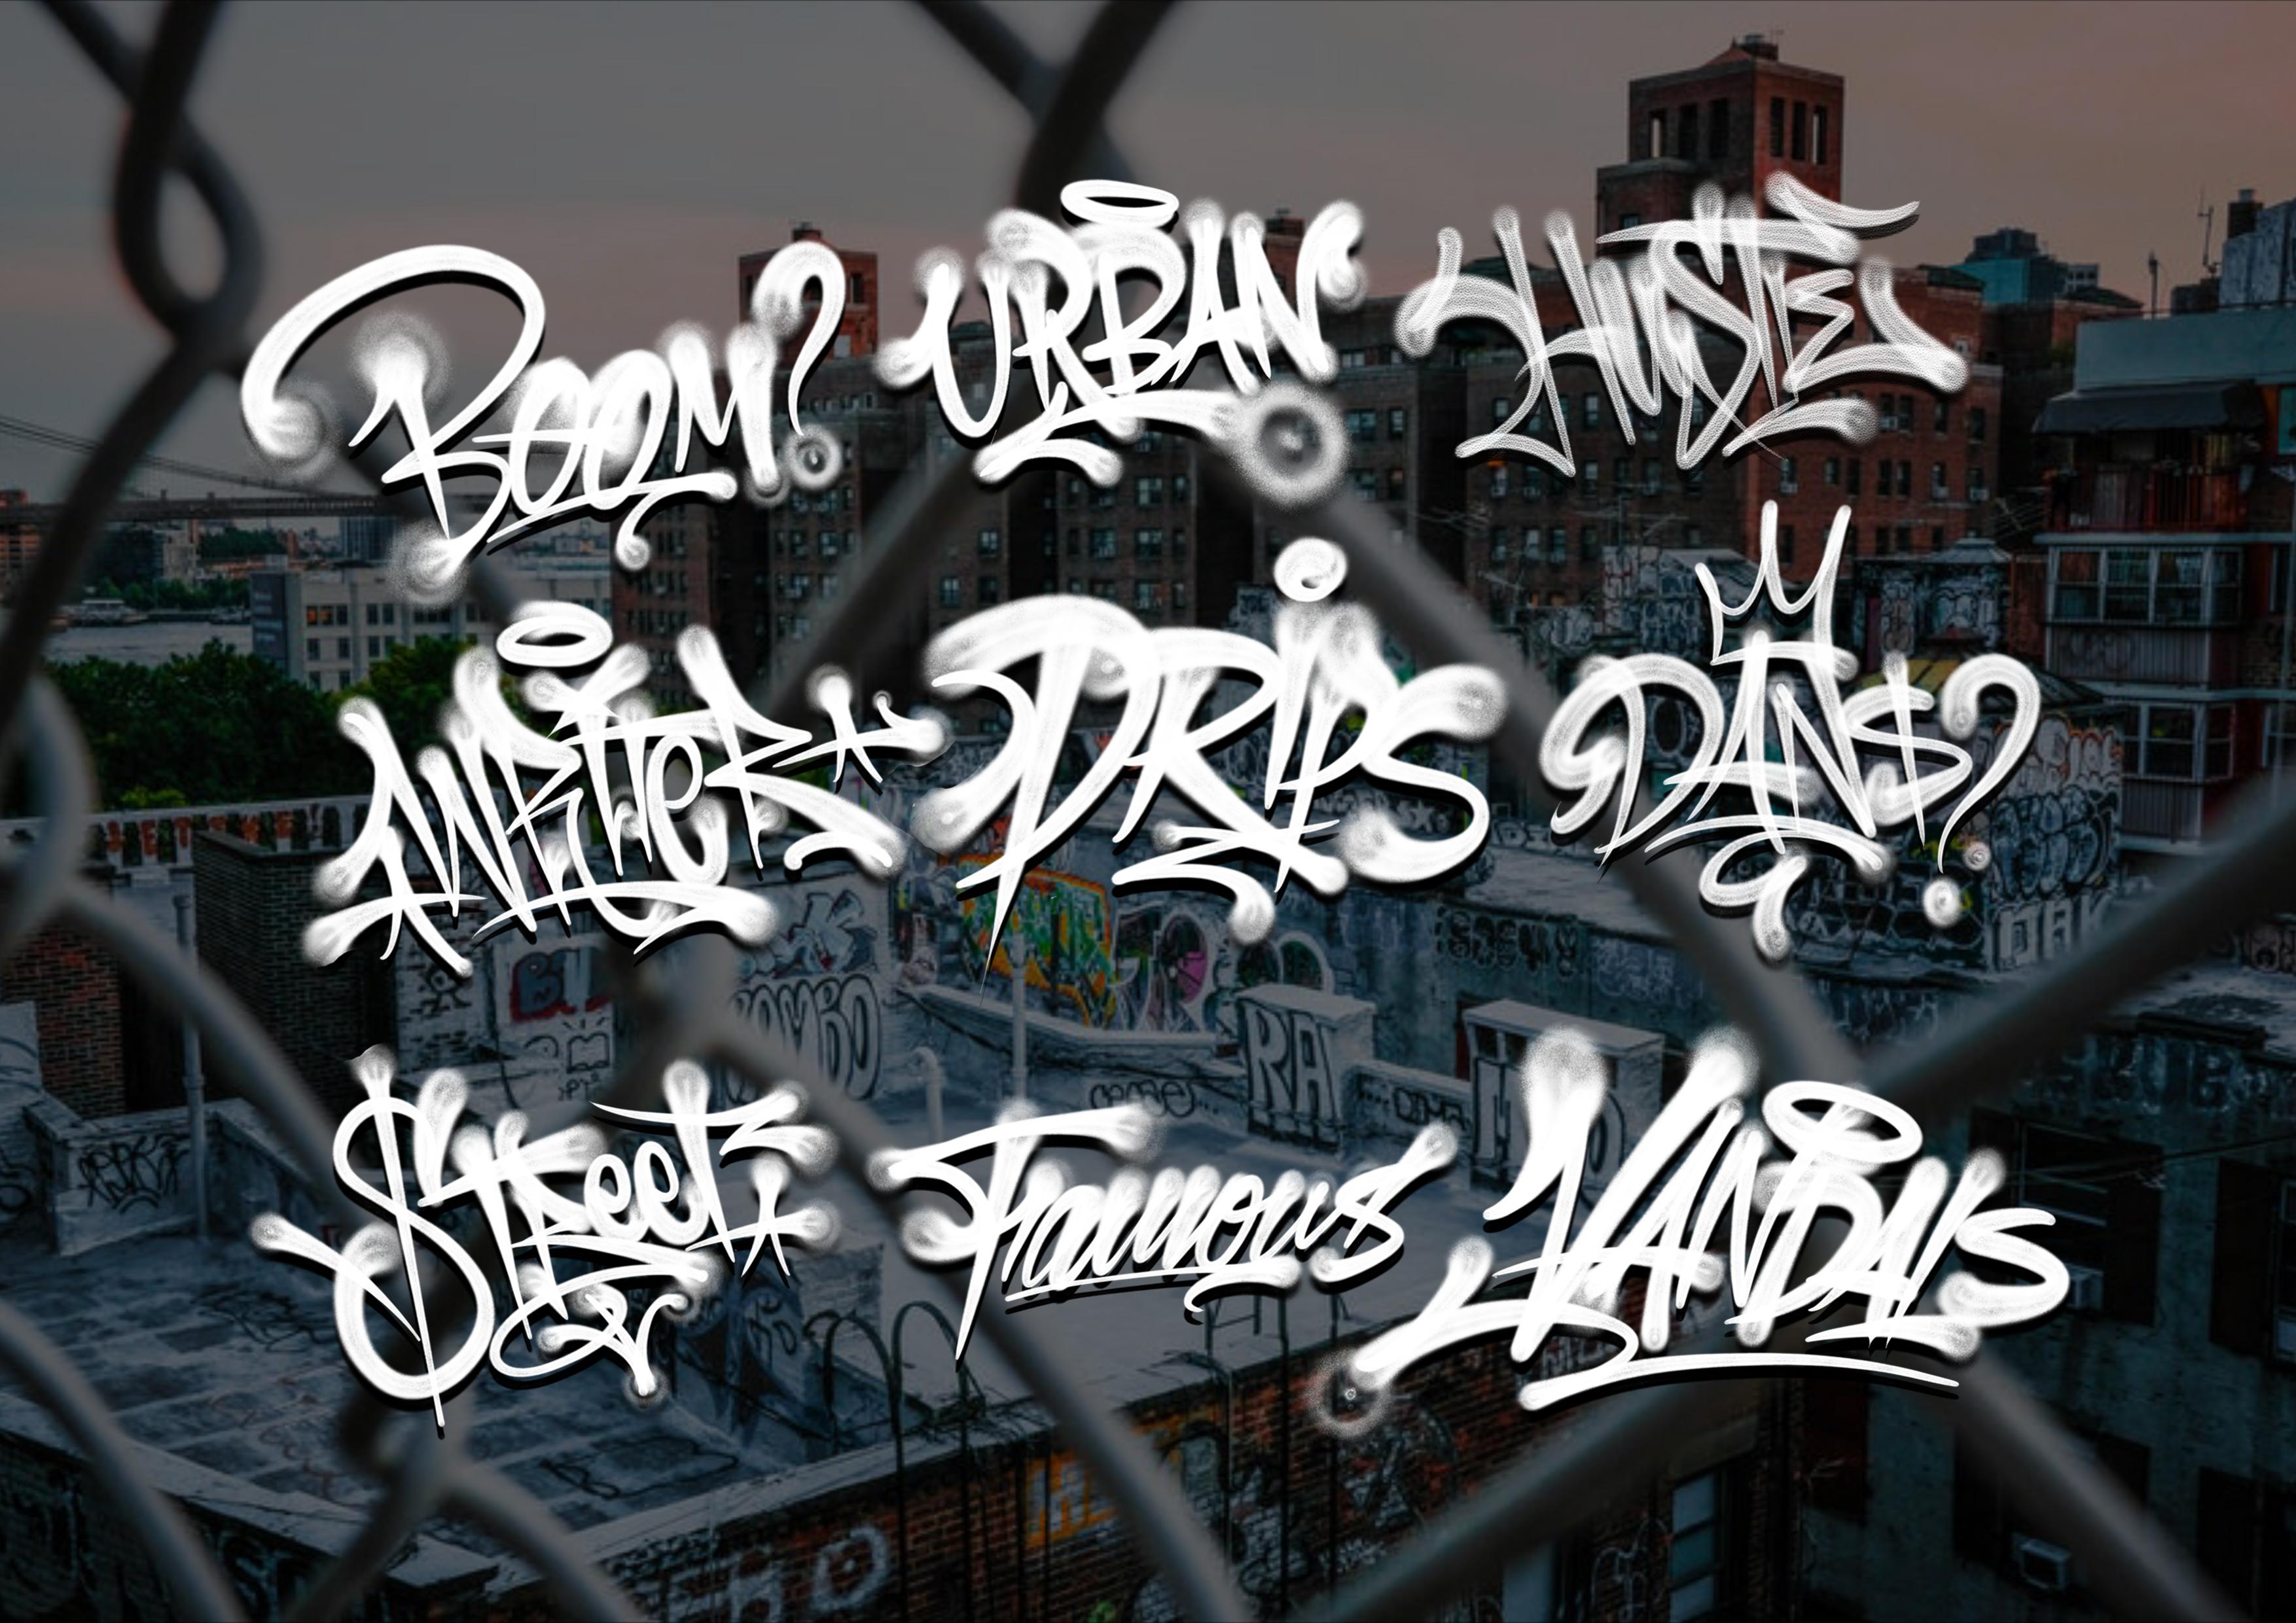 数字绘画涂鸦效果Procreate笔刷下载 GRAFFITI BRUSHES for Procreate插图(3)